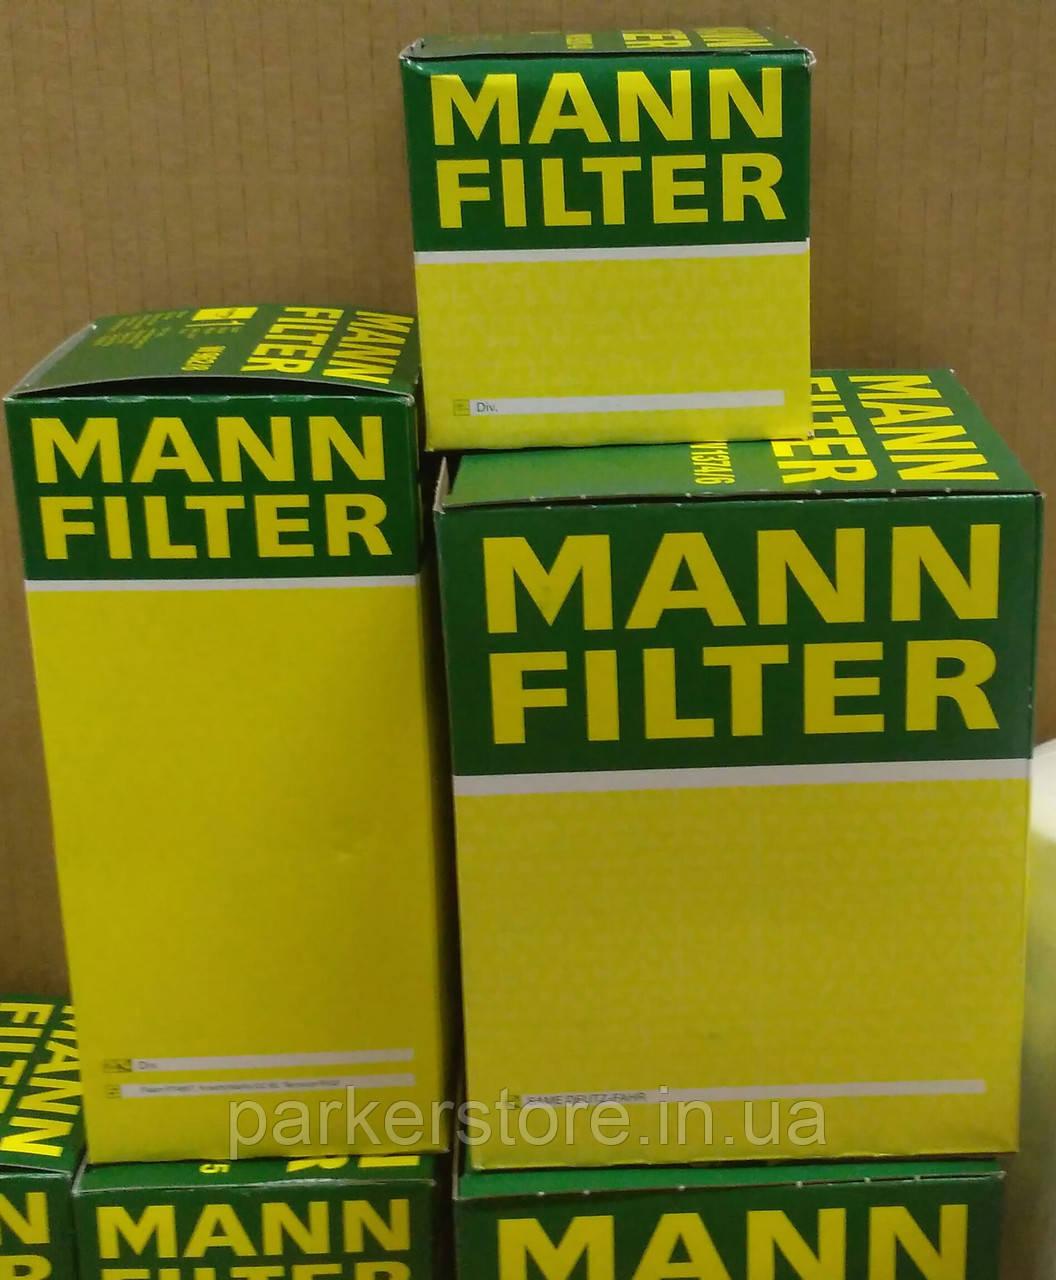 MANN FILTER / Повітряний фільтр / C 26 814 / C26814